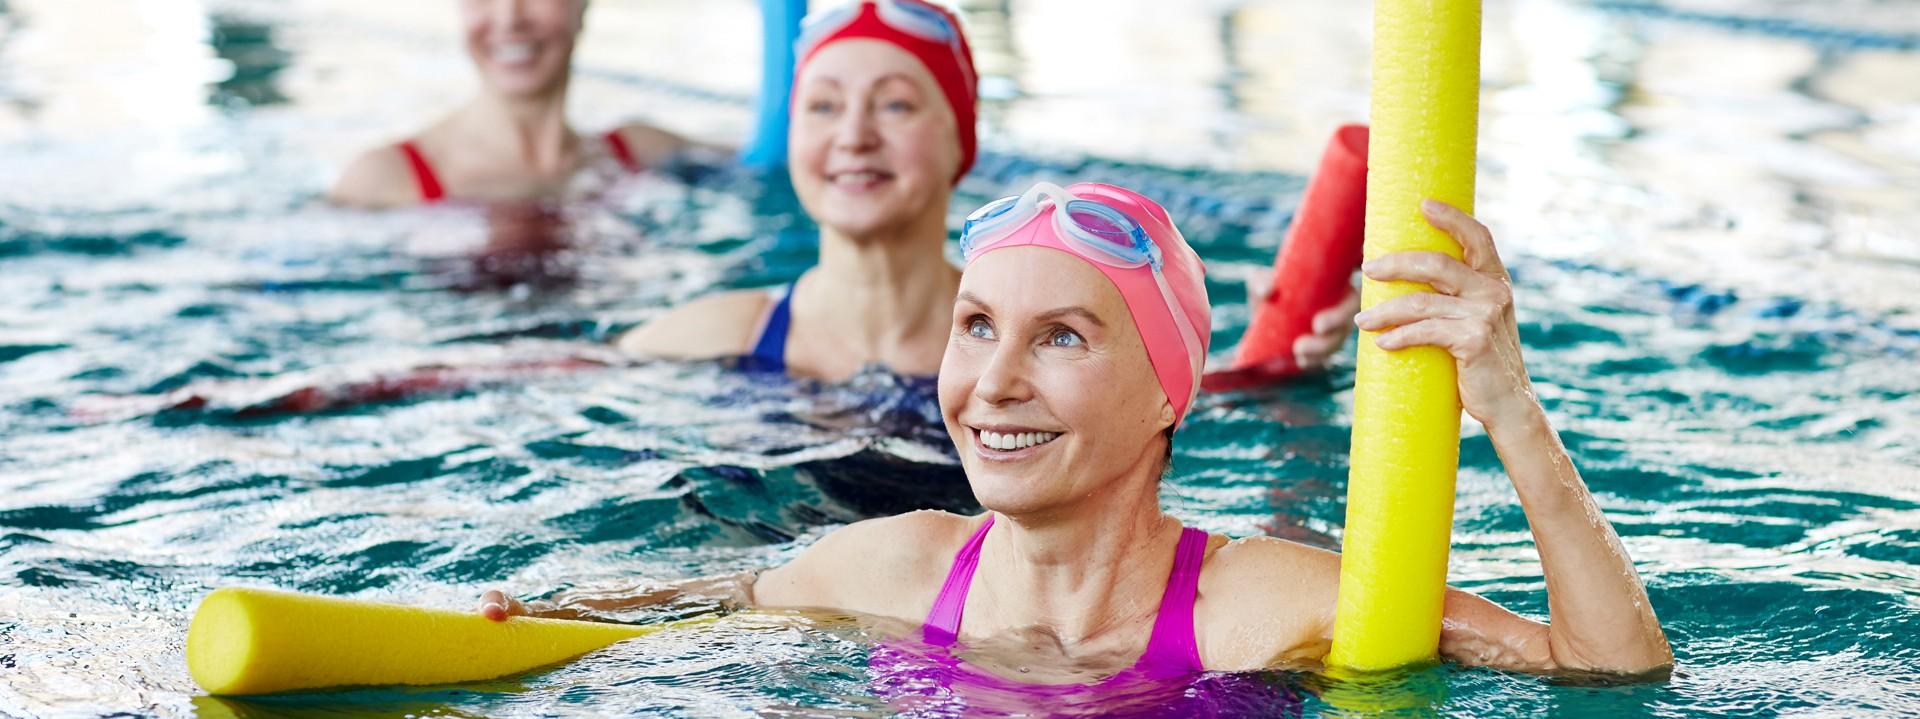 Drei Frauen befinden sich in einer Schwimmhalle im Wasser und machen Wassergymnastik mit bunten Badenudeln.